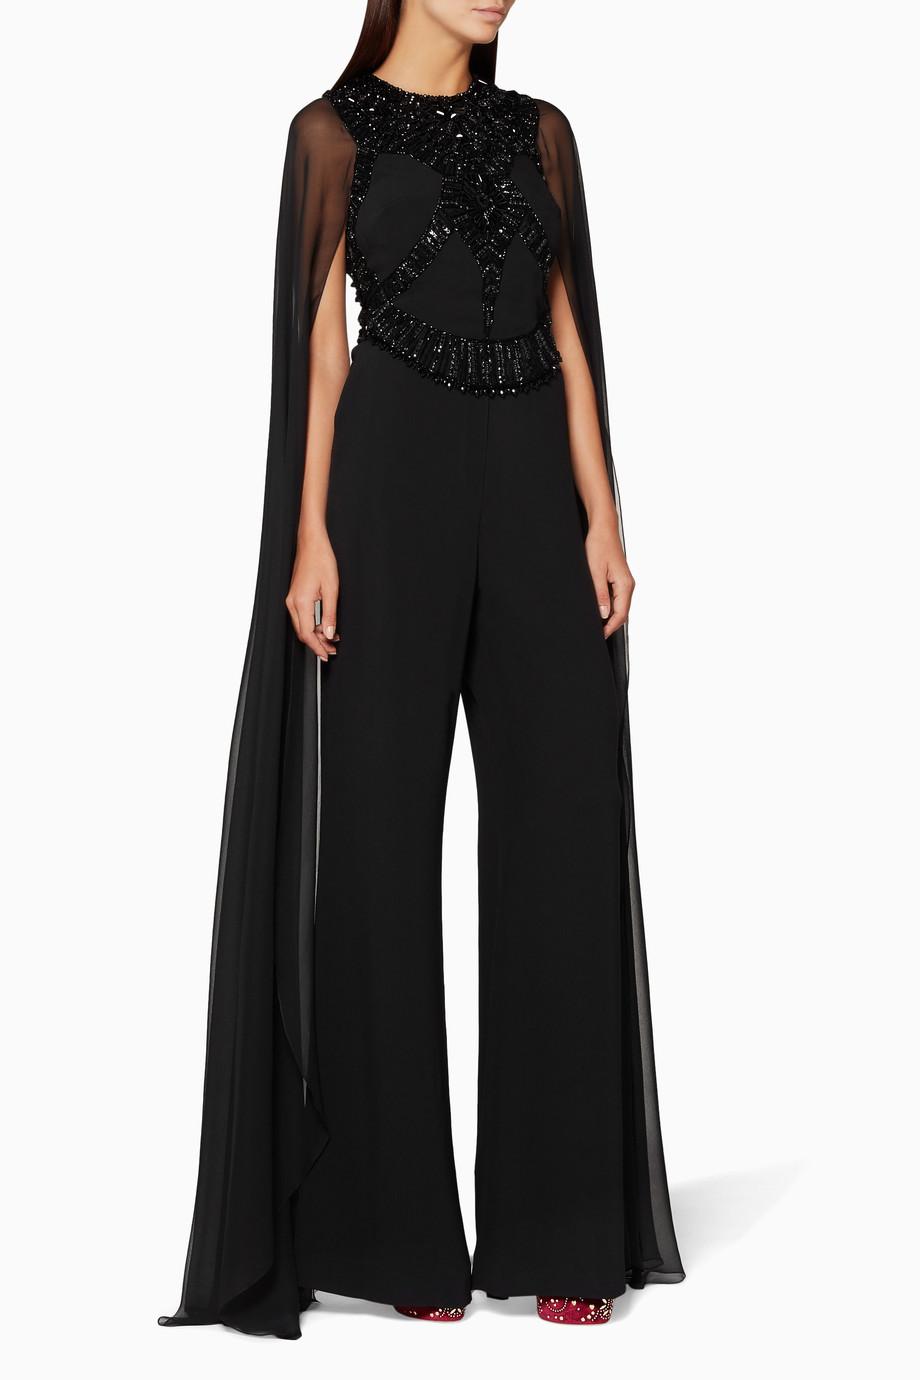 dbcb12858f5 Shop Elie Saab Black Black Embellished Wide-Leg Jumpsuit for Women ...